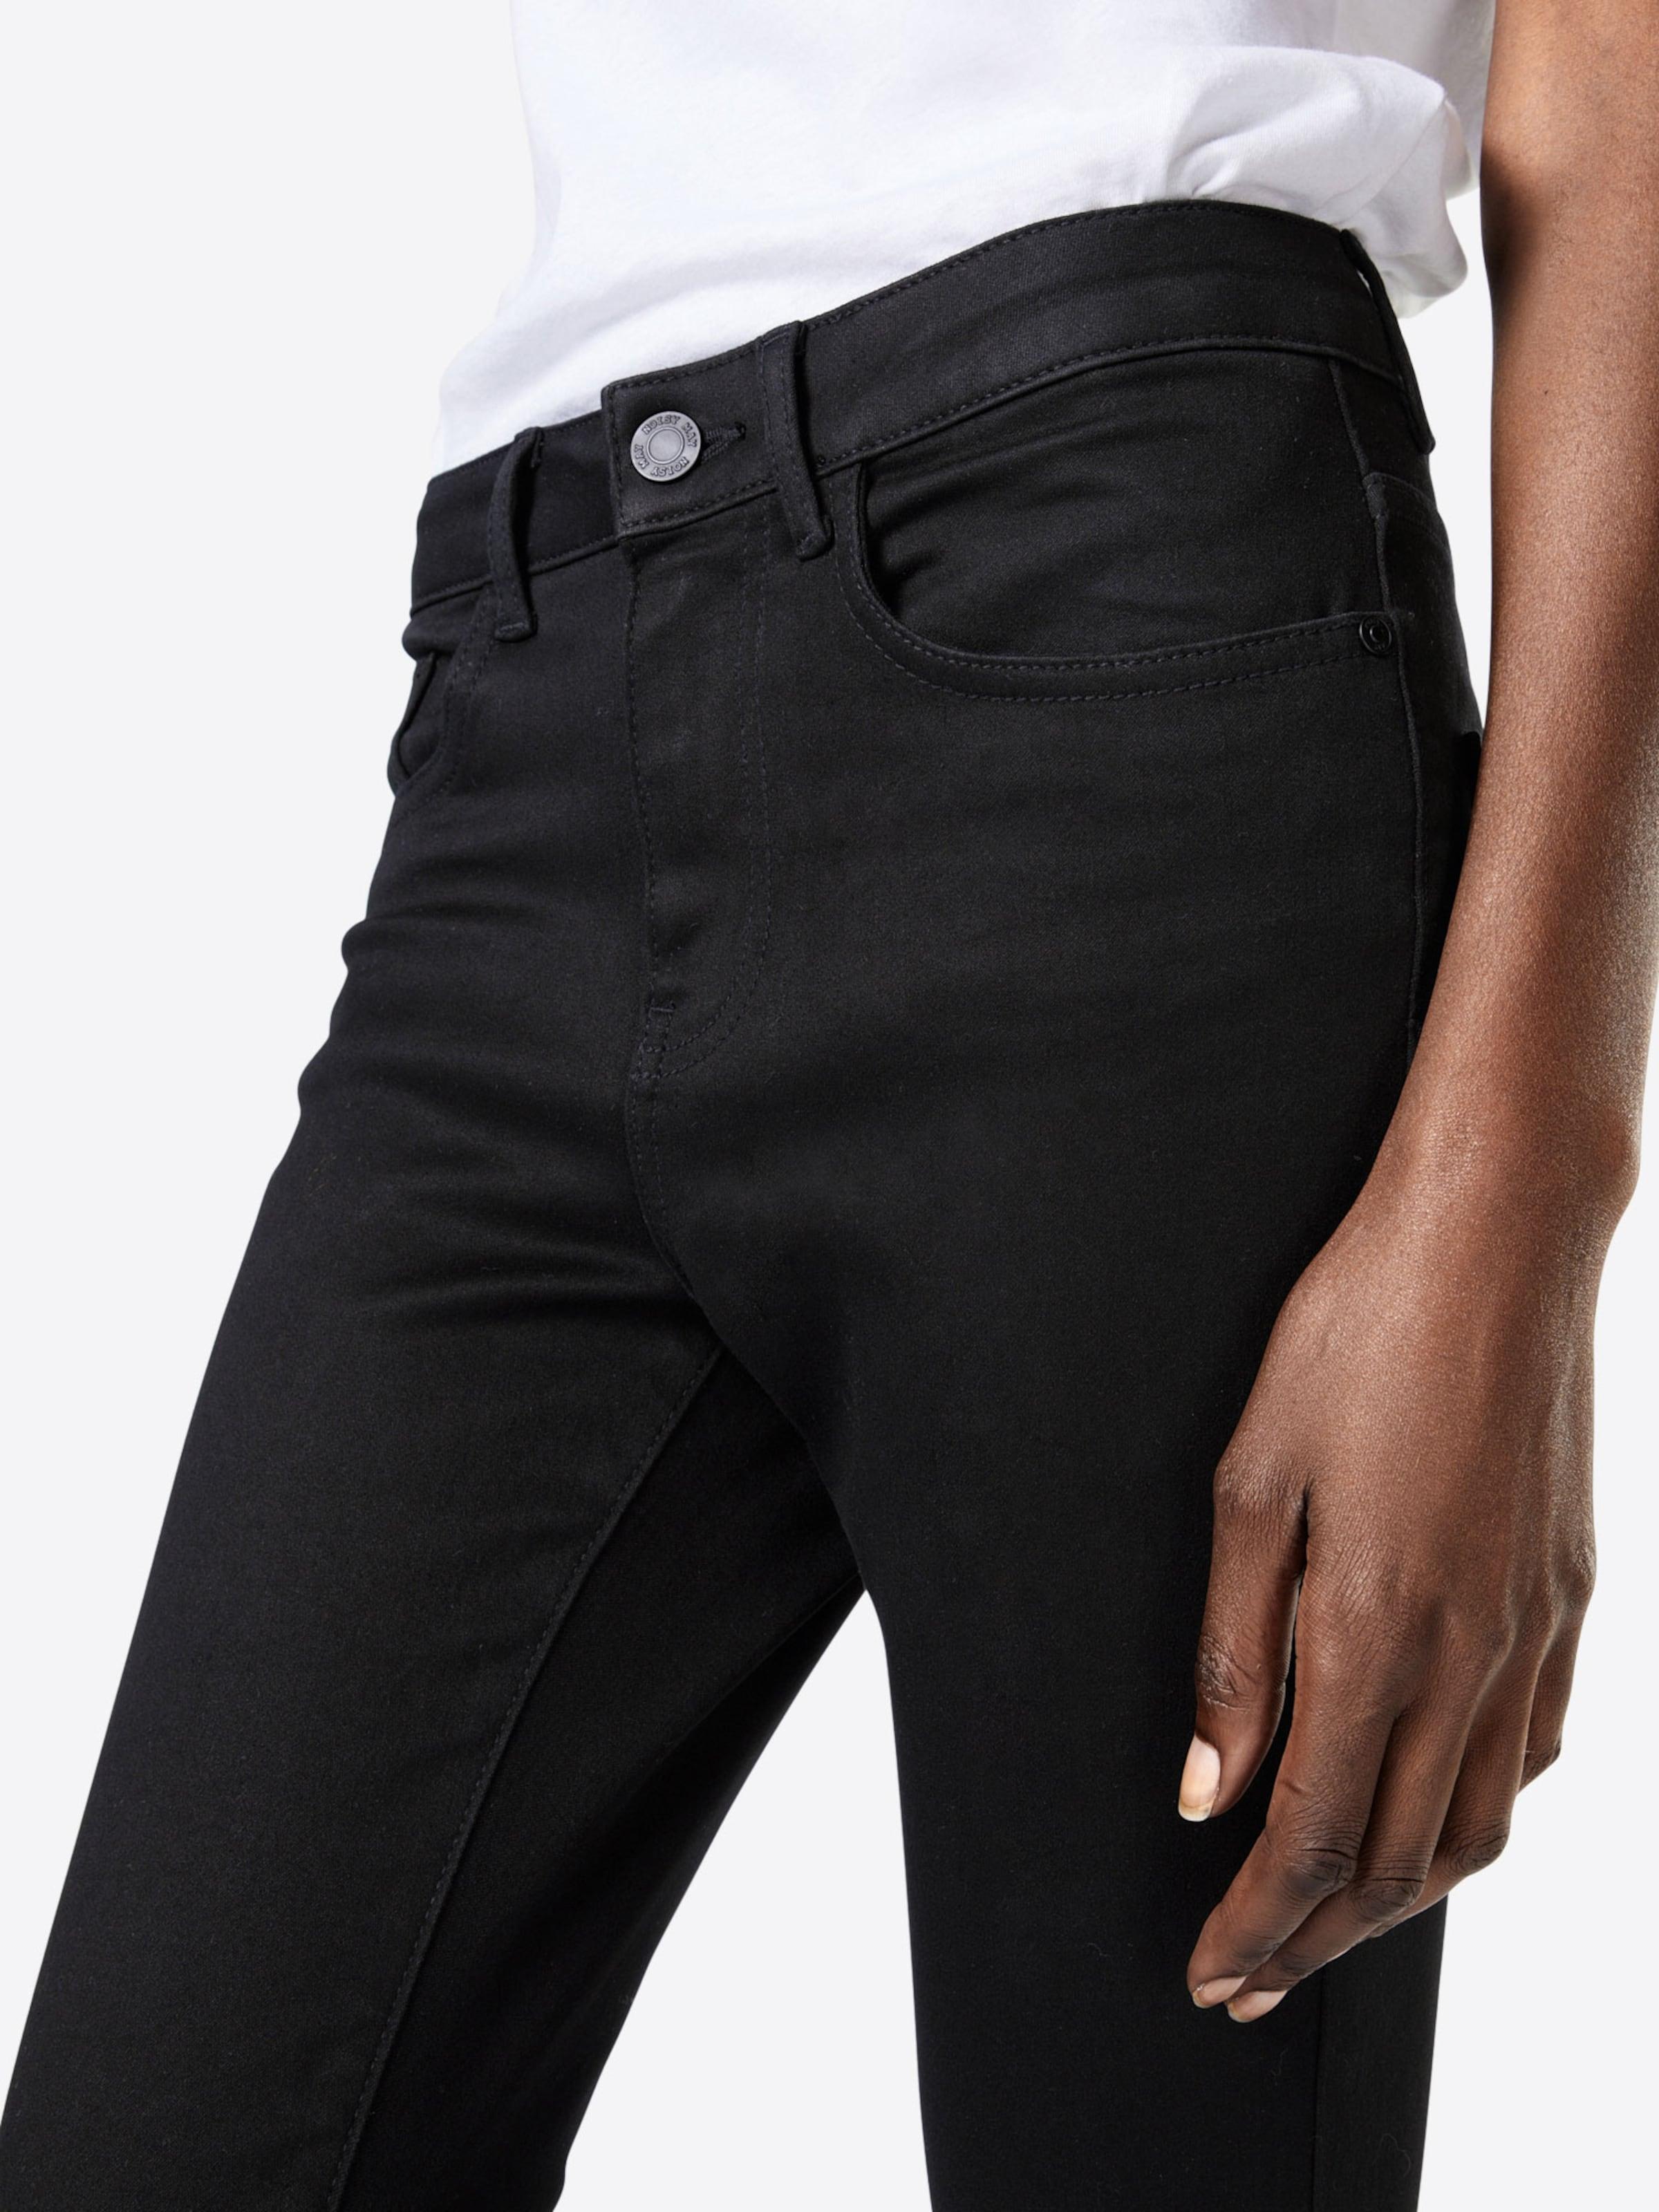 Günstig Kaufen Günstigsten Preis Noisy may Schwarze Jeans 'NMLEXI HW SUPER SLIM JEANS' Rabatt Neue Stile Viele Arten Von Preise Und Verfügbarkeit Für Verkauf Billig Verkauf Mit Paypal N2az0eEro